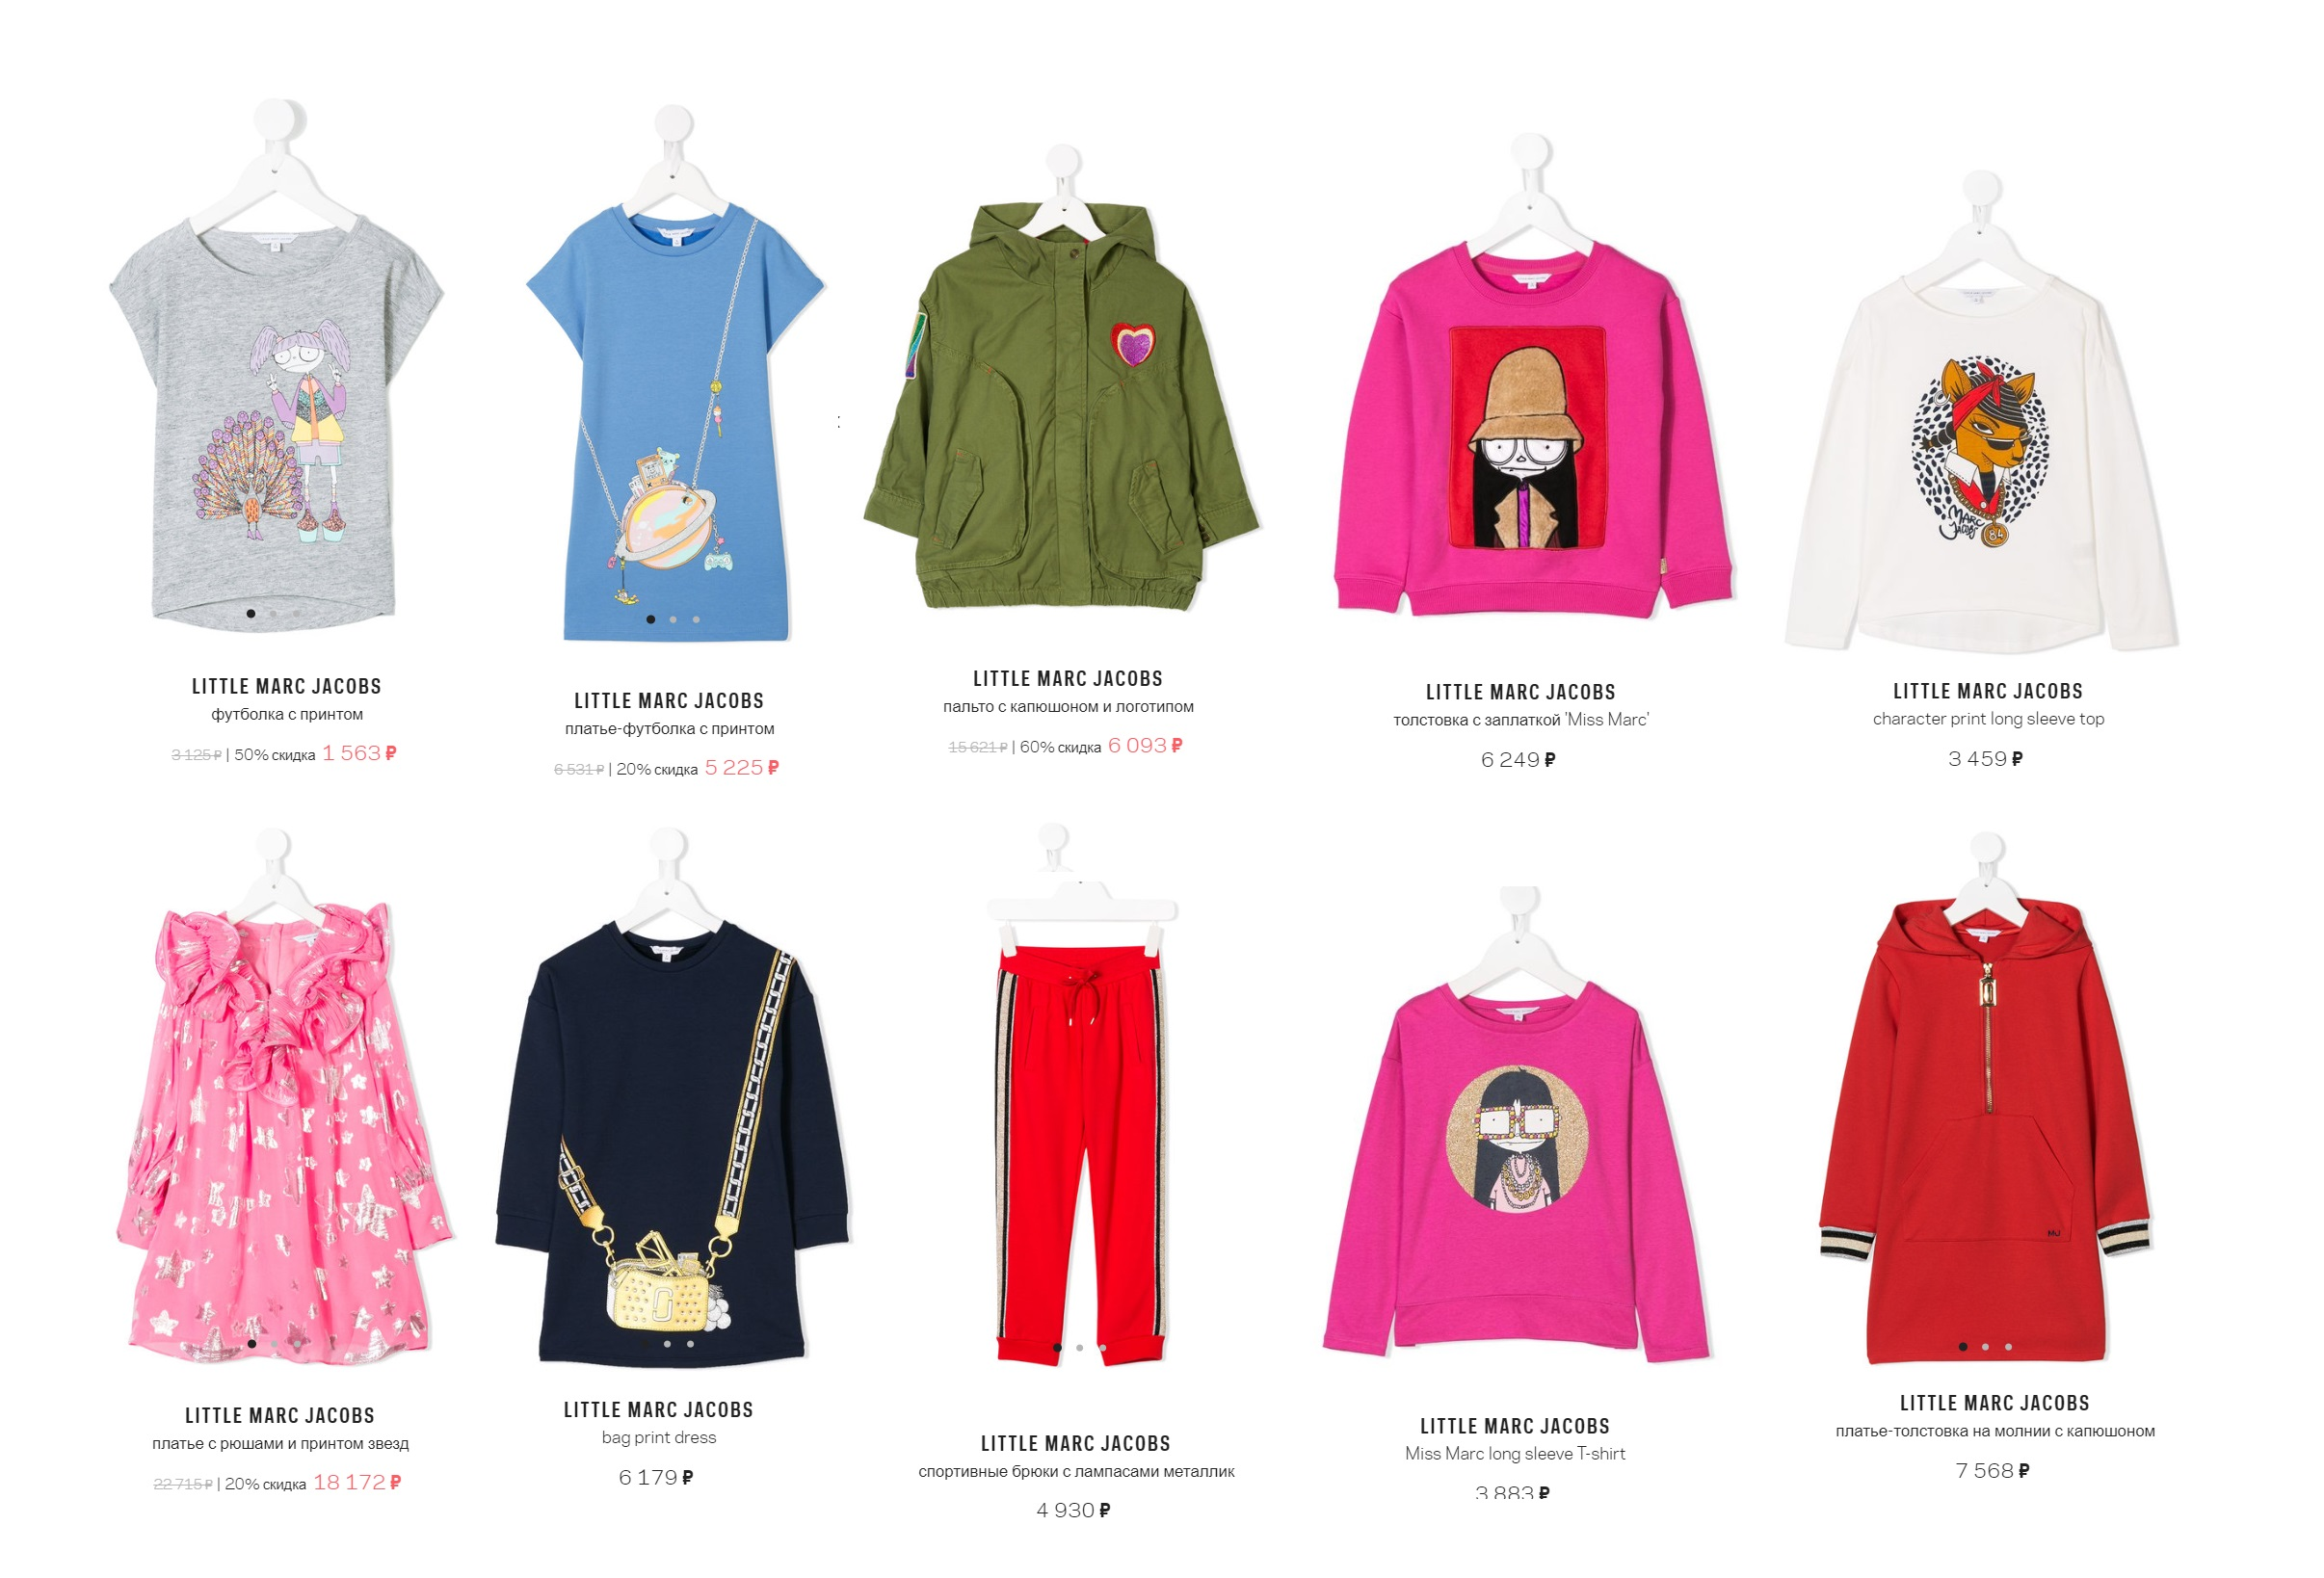 f99f6ffd3aba4 Бренды детской одежды: список брендов одежды для детей, бренды для ...